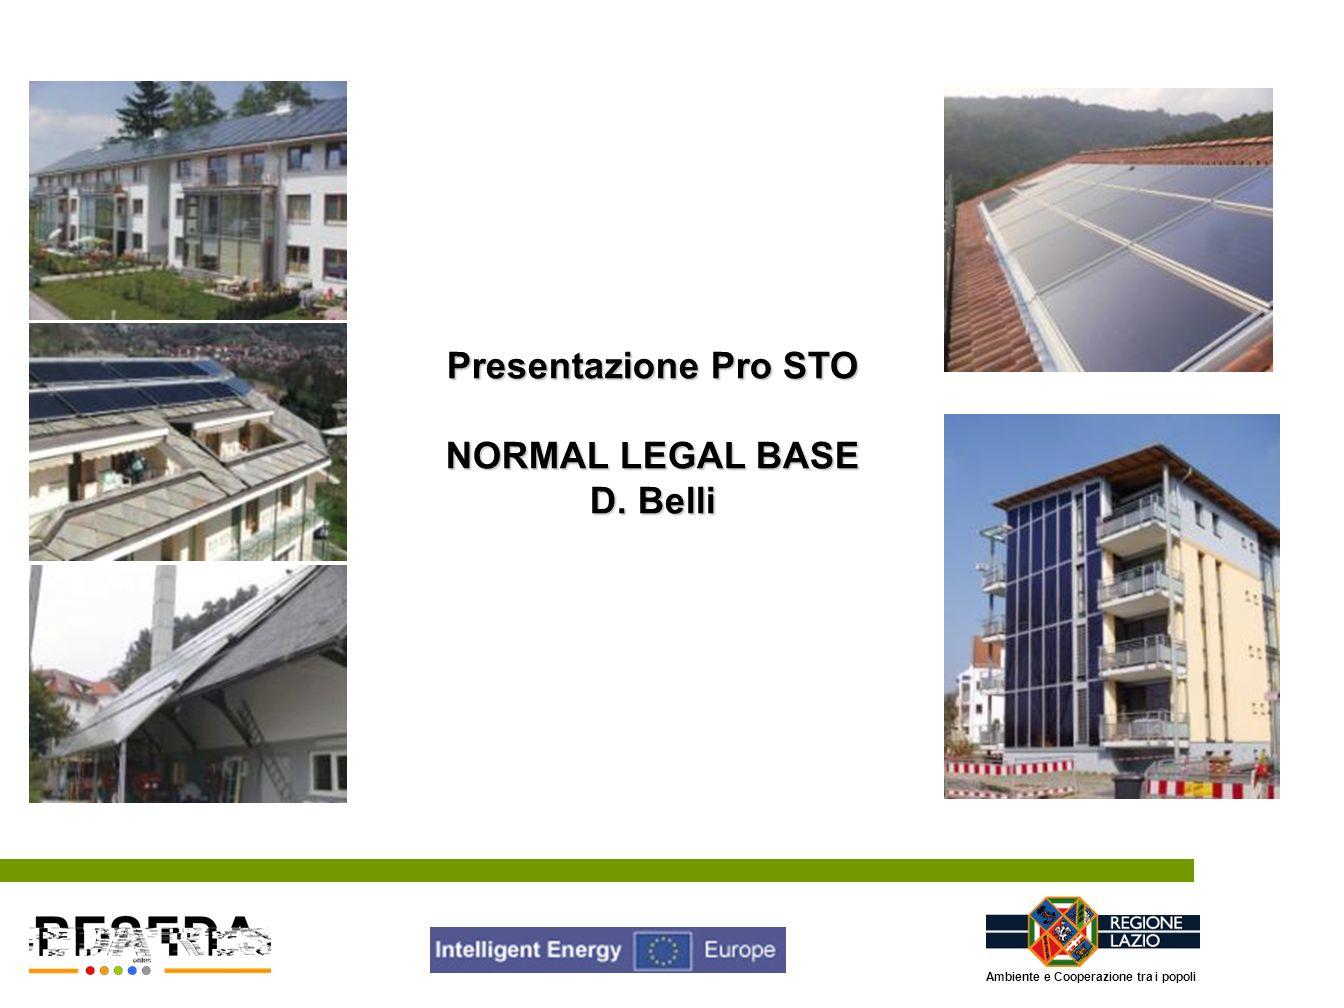 Le ordinanze solari termiche sono strumenti legislativi che obbligano i proprietari di edifici a installare impianti solari termici sul nuovo costruito ed, eventualmente, su strutture esistenti.